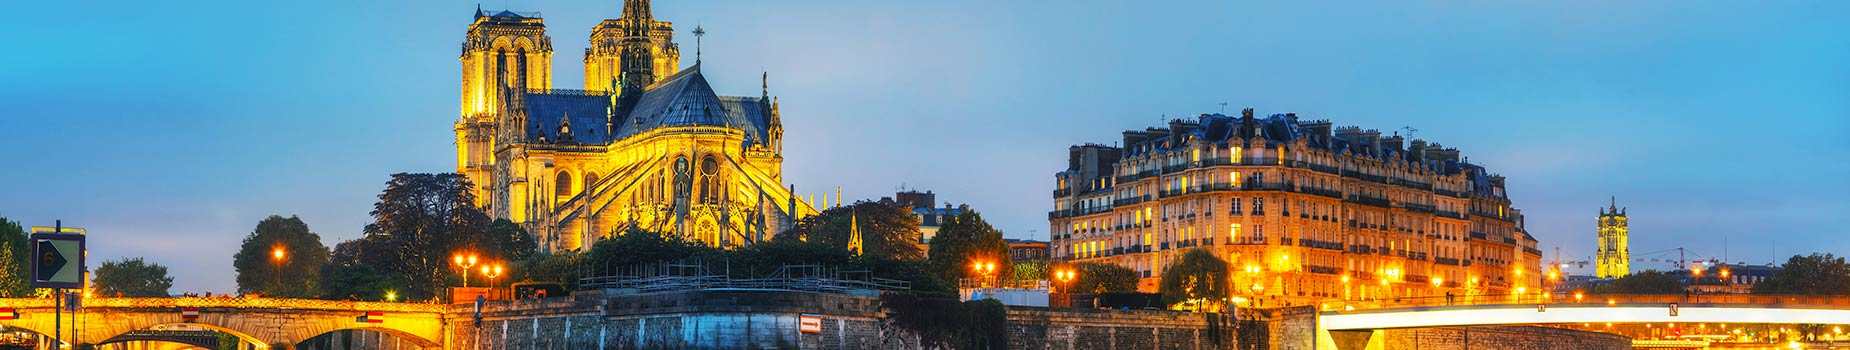 Busrondreis Parijs